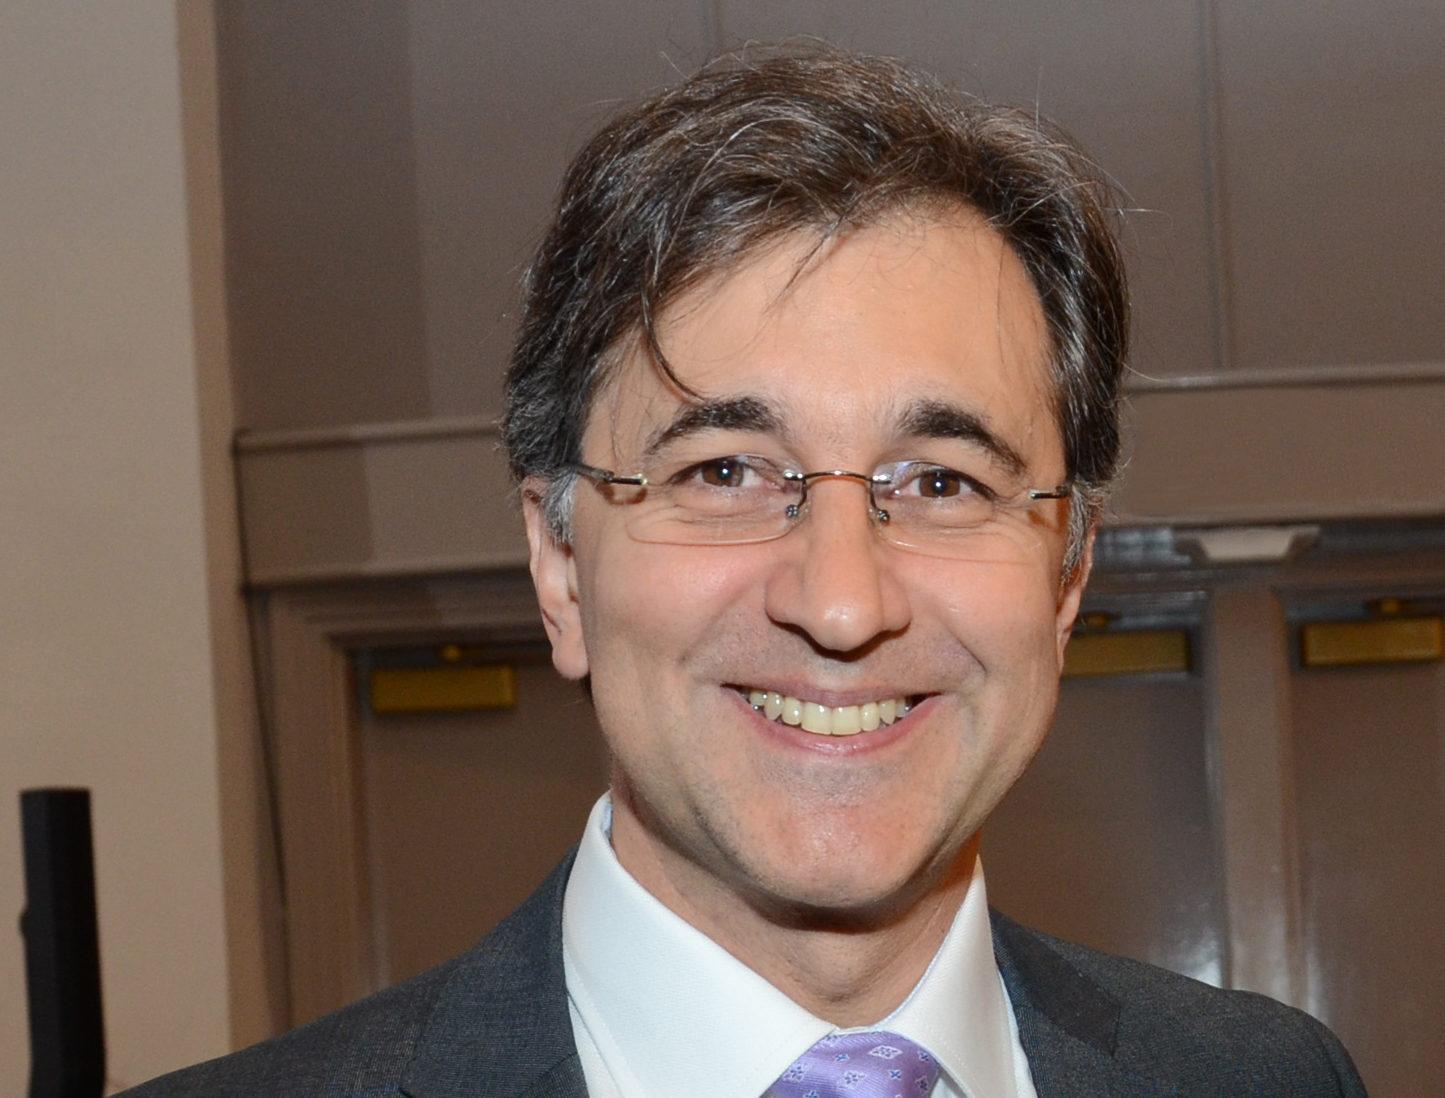 Director de EDUCA afirma Minerd realizó Concurso de Oposición con transparencia